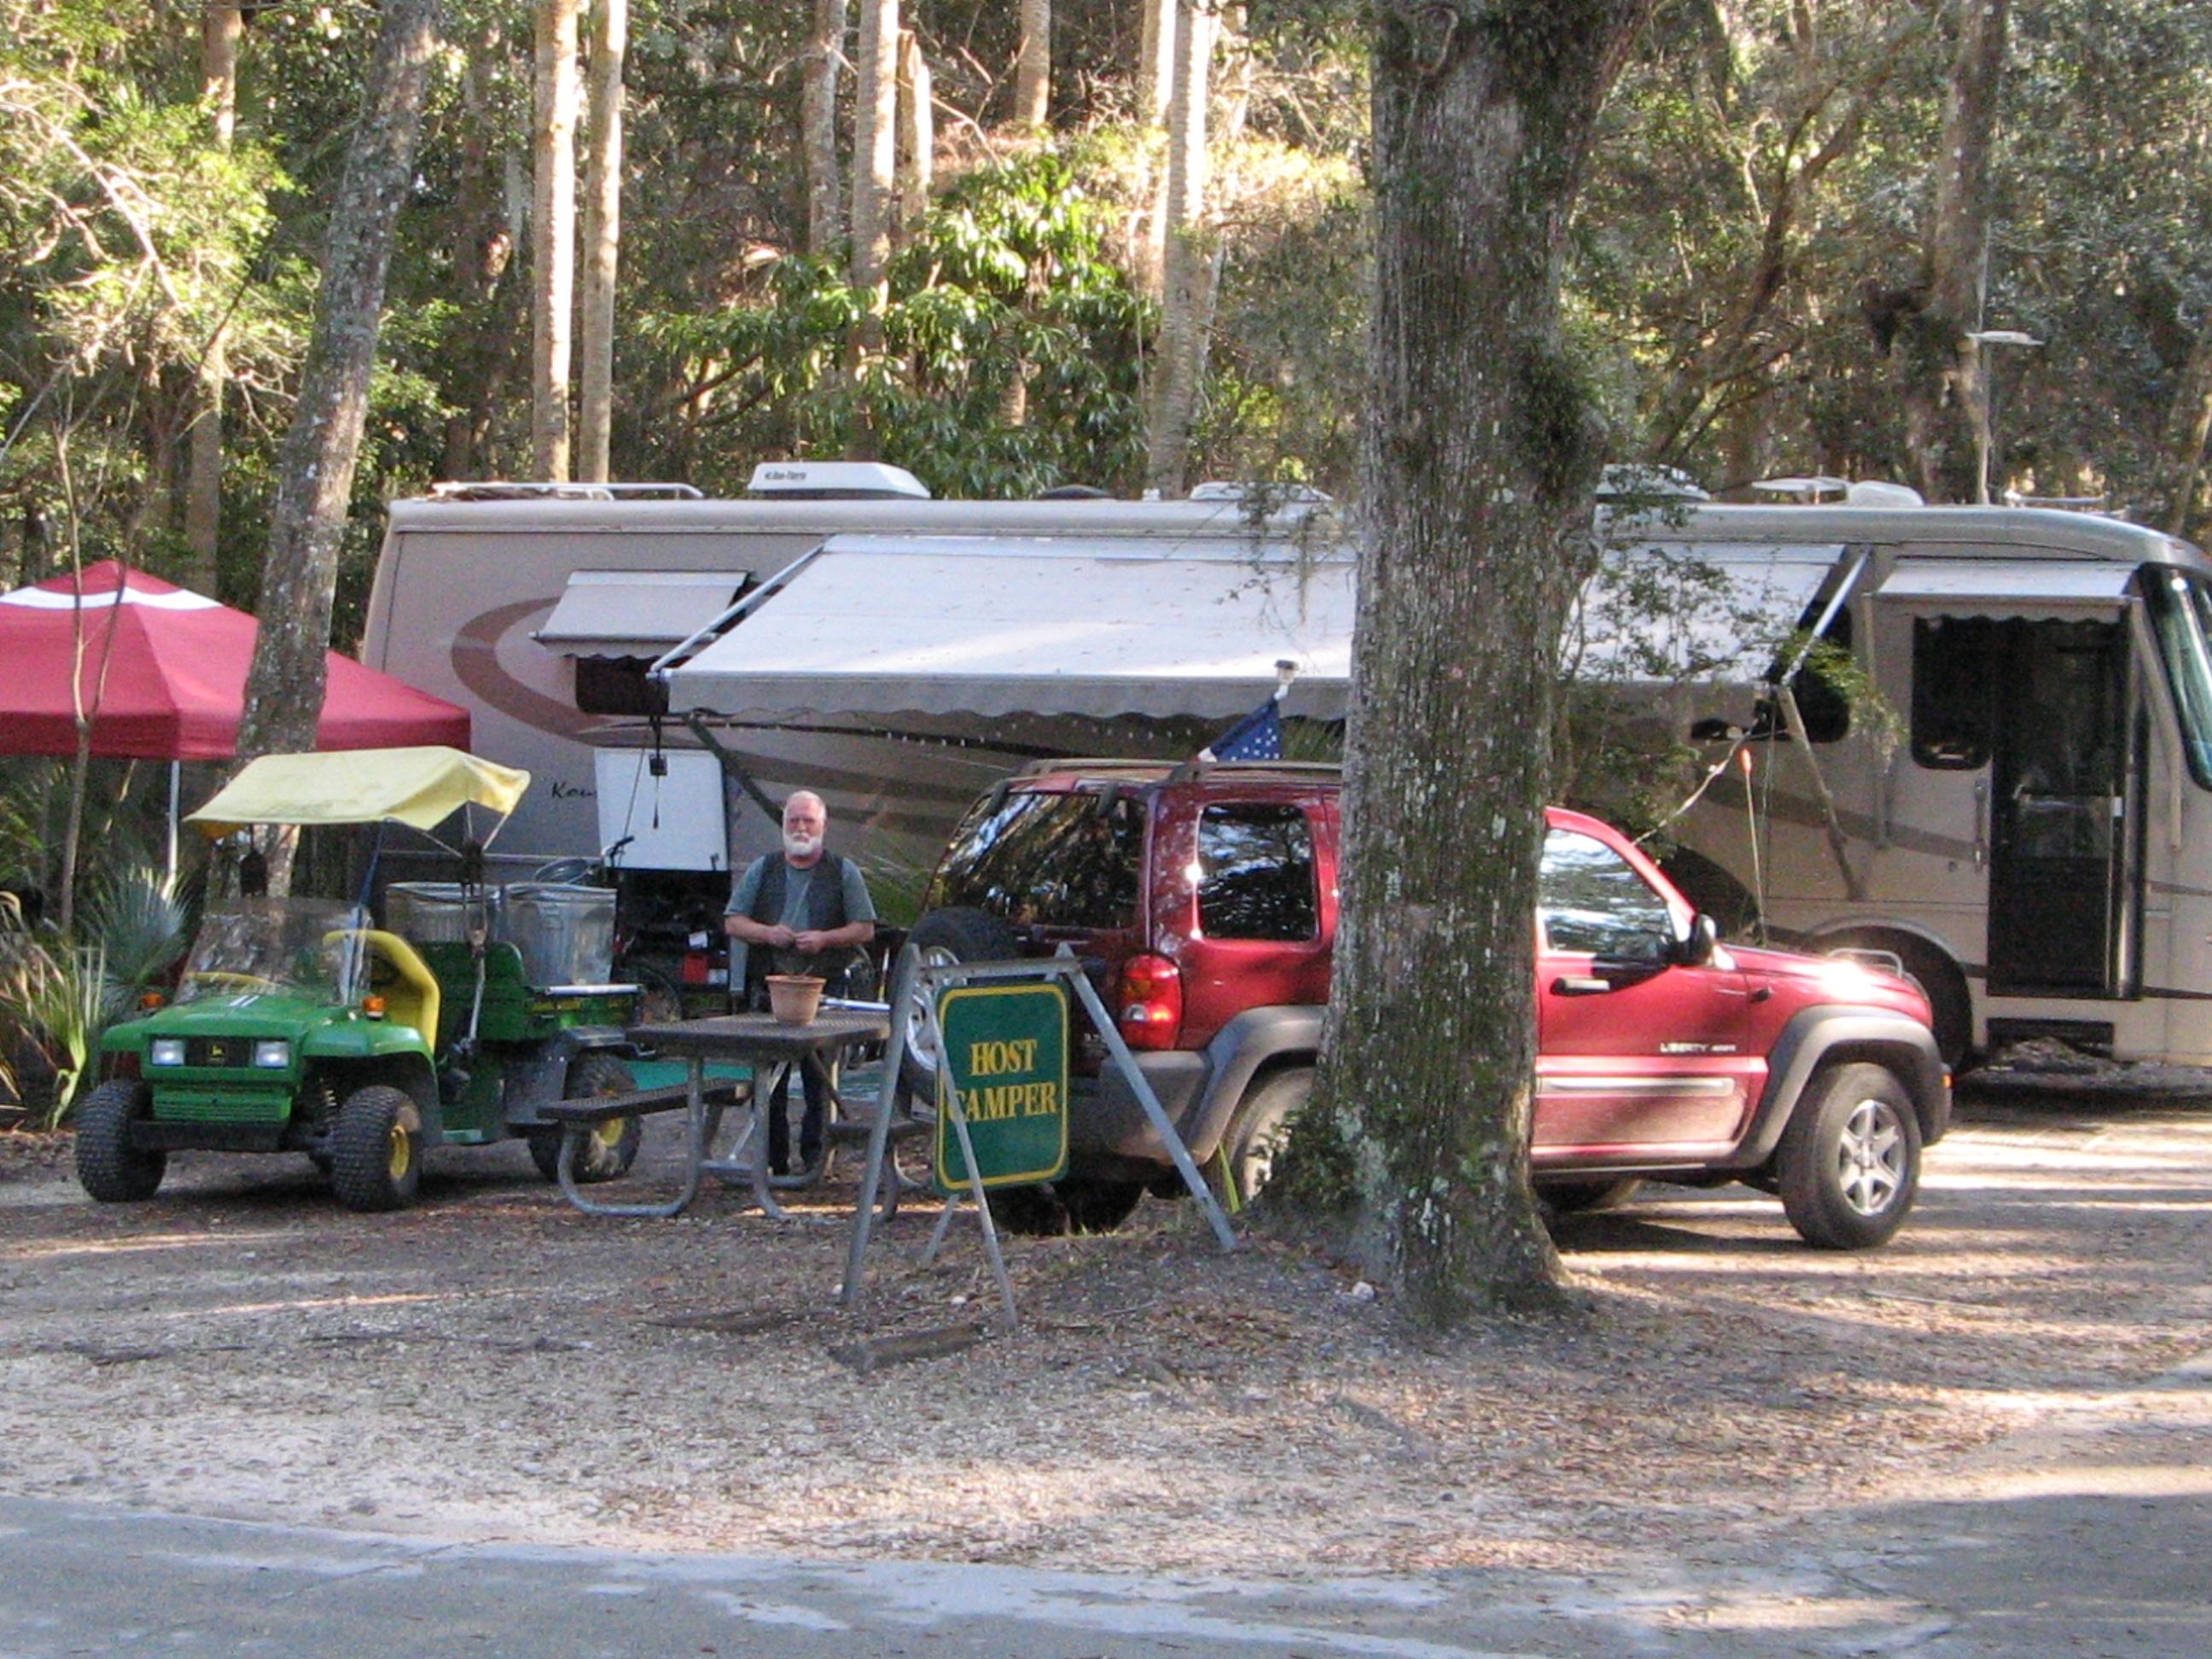 Mcu368 2 host camper